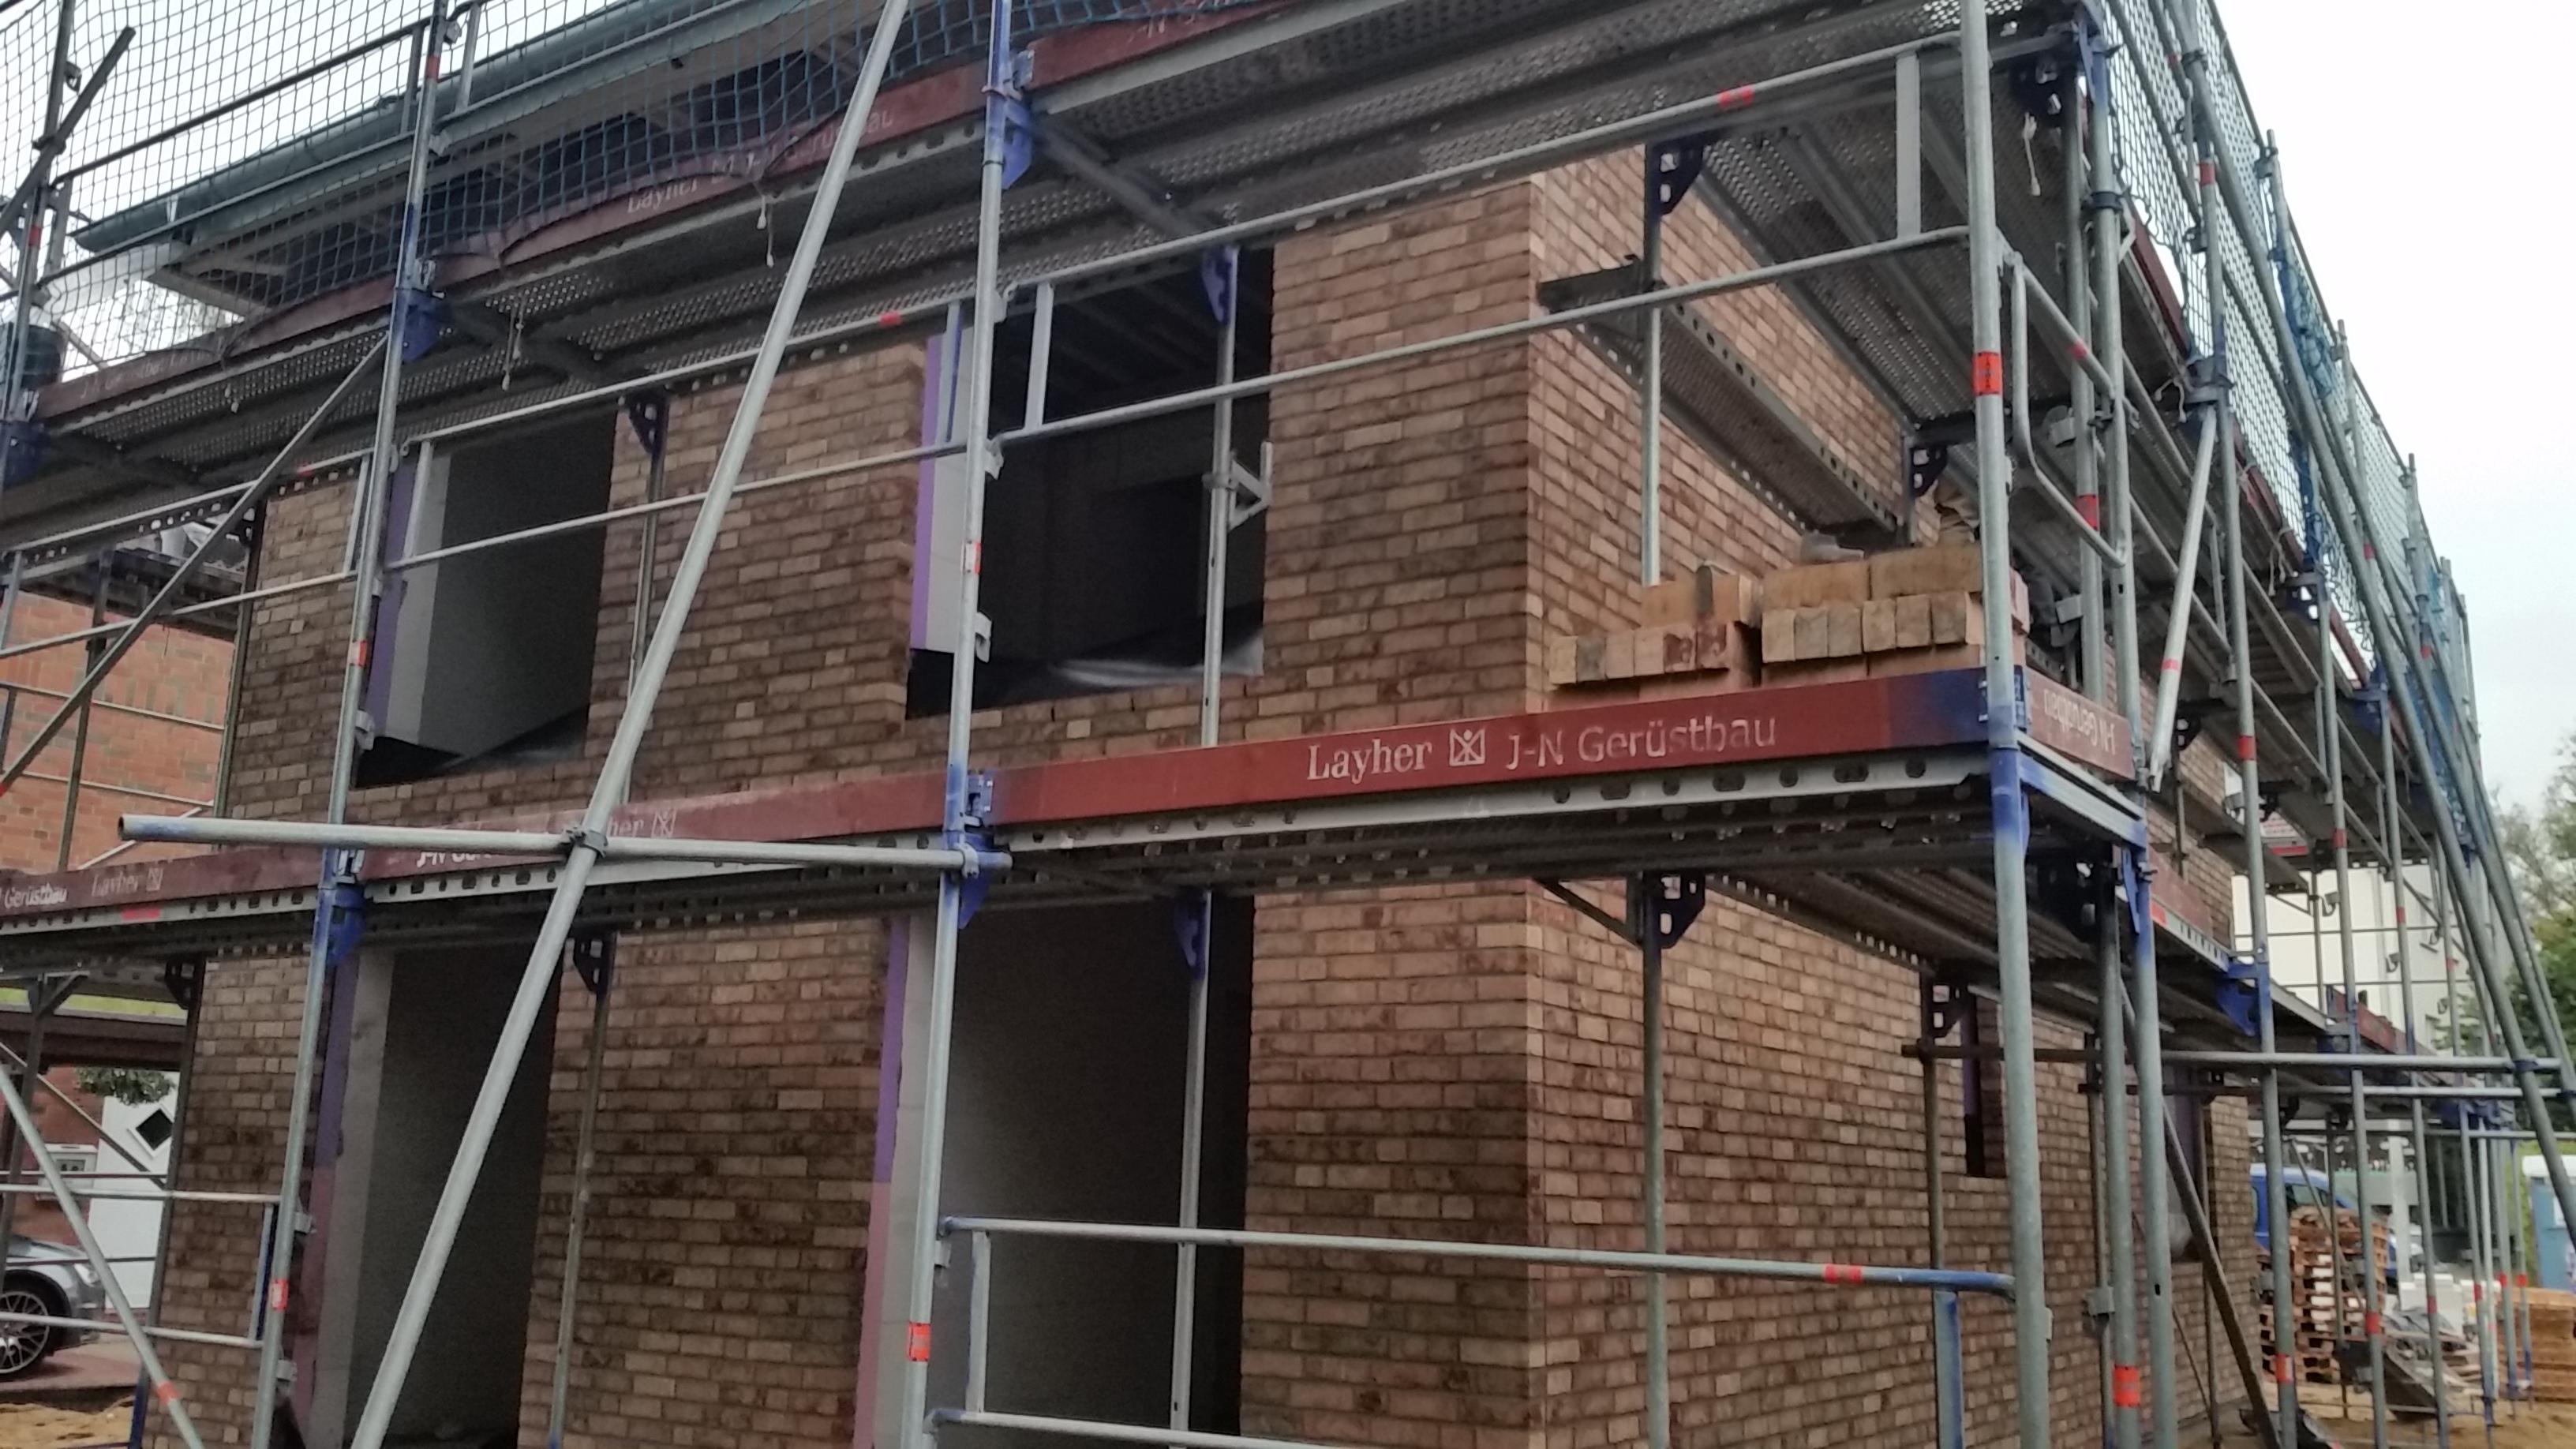 Kw 42 43 fertigstellung der klinkerfassade bautagebuch team massivhaus - Einbau fenster klinkerfassade ...